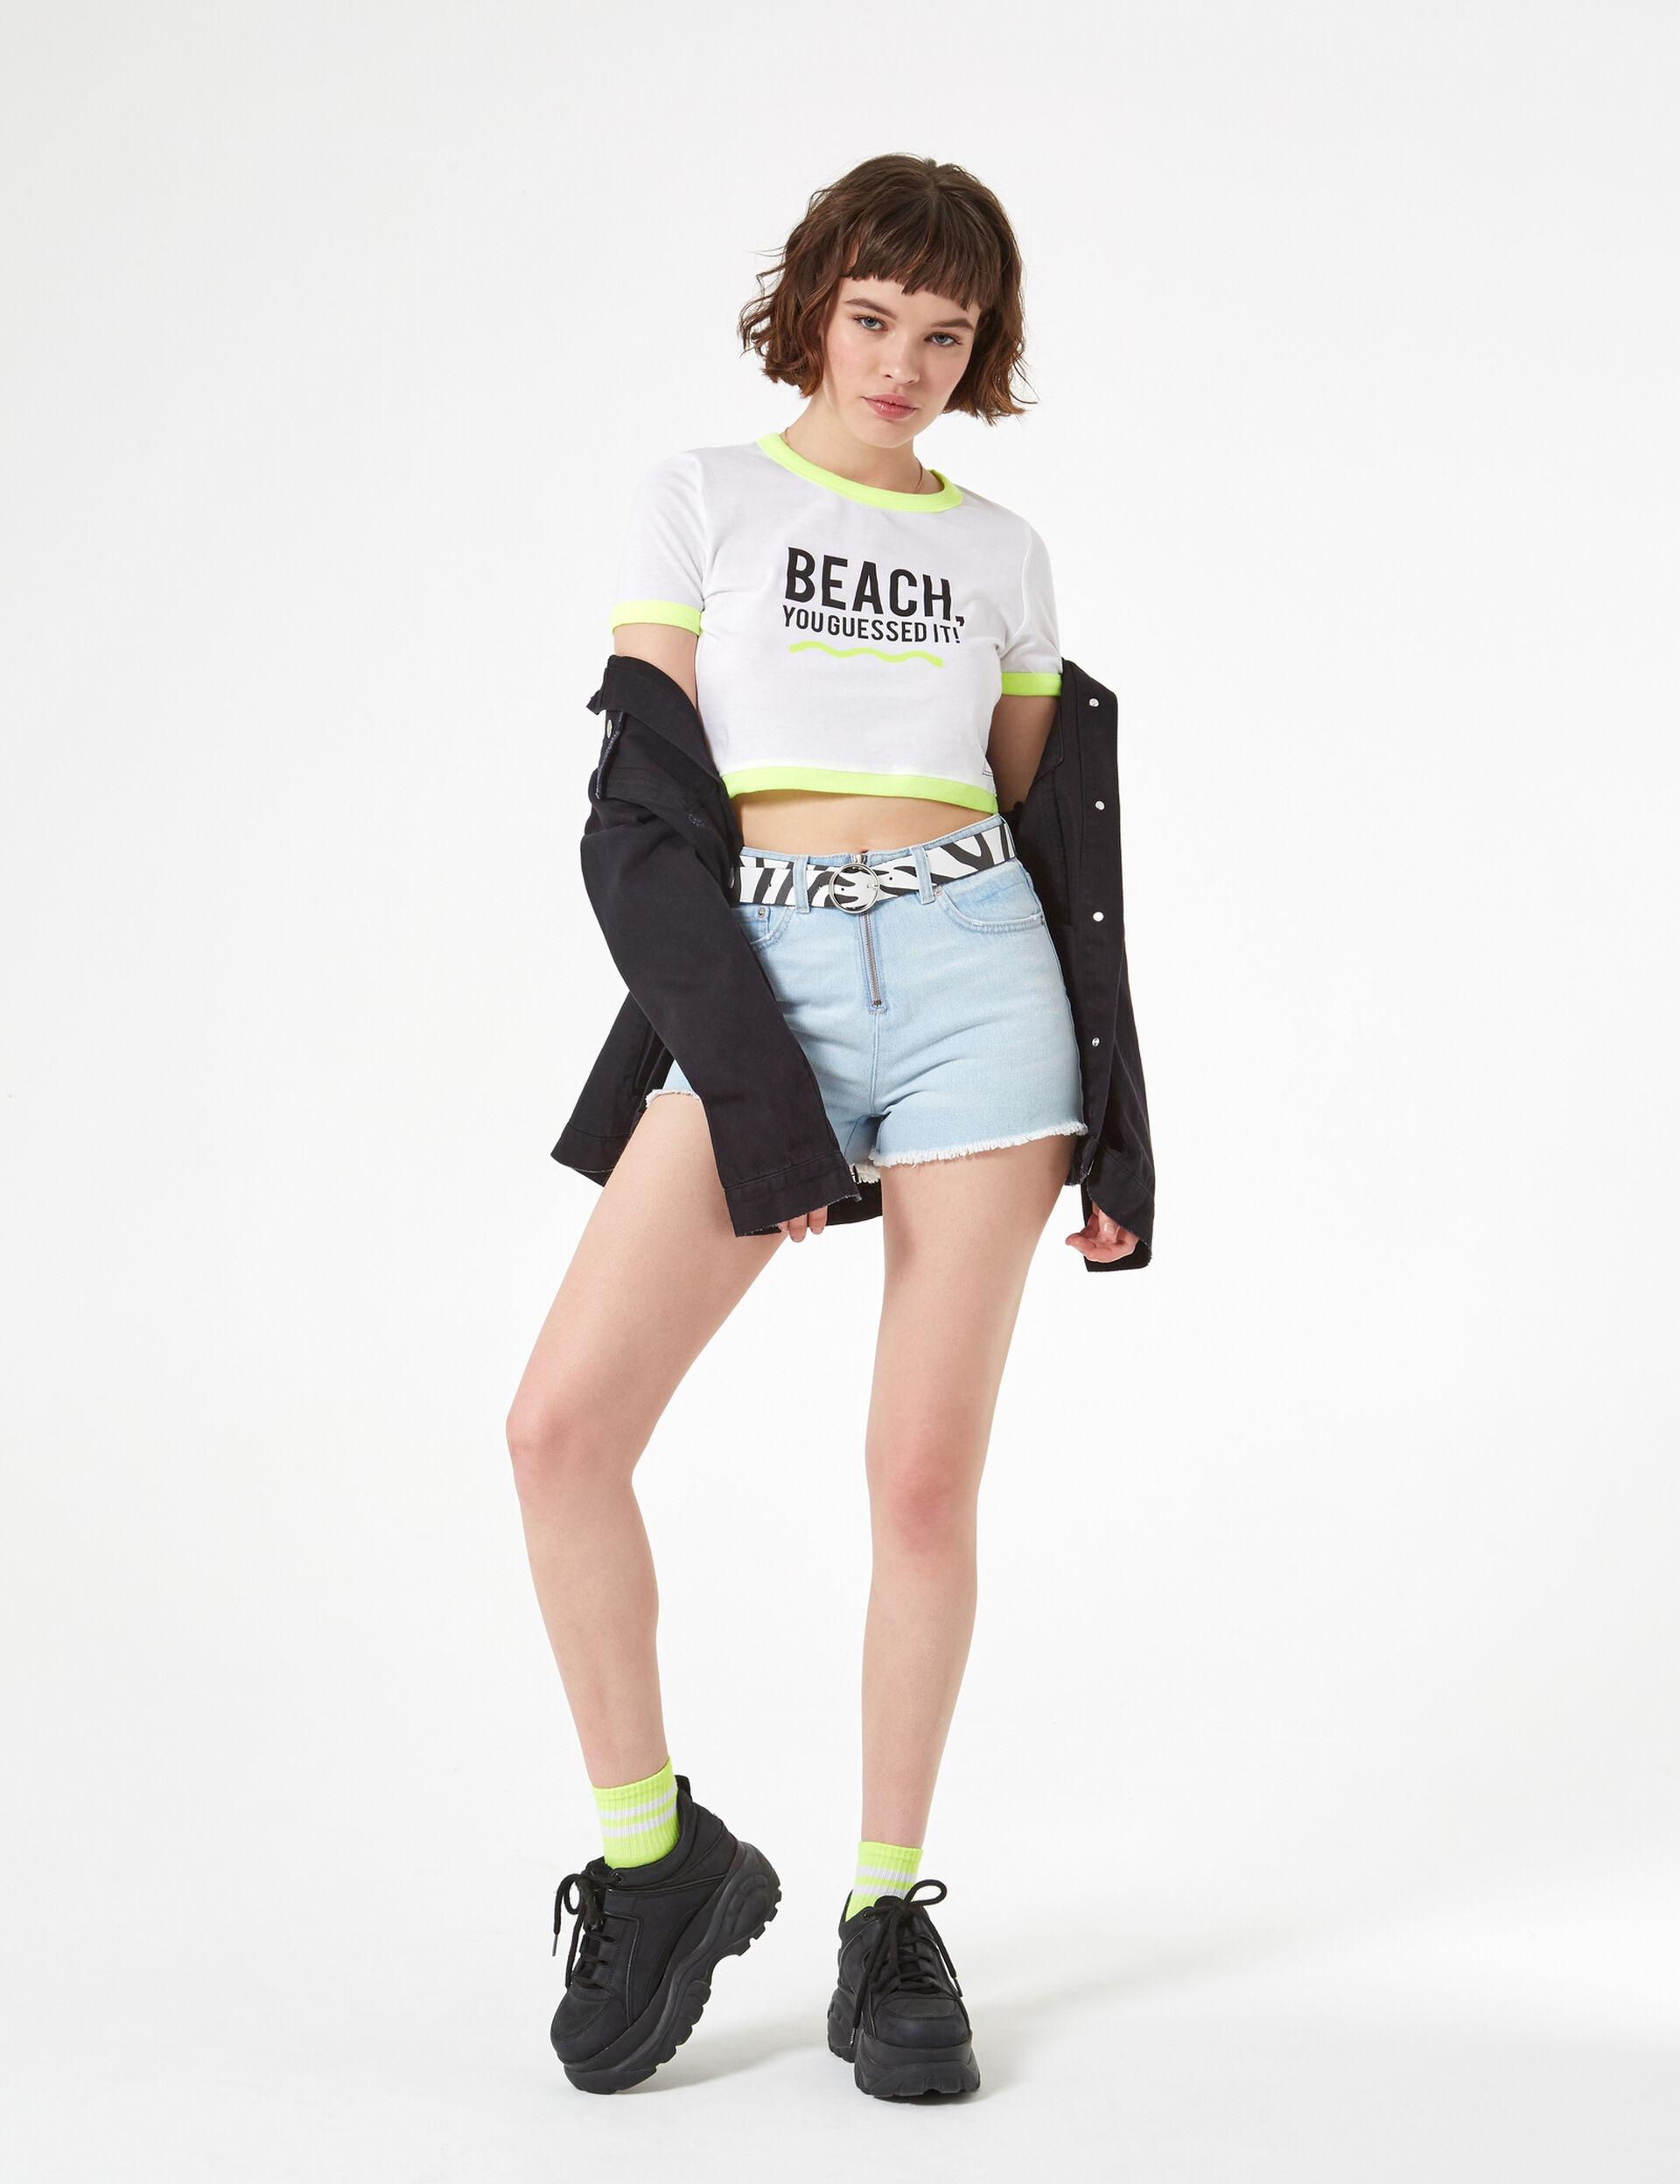 Beach text t-shirt